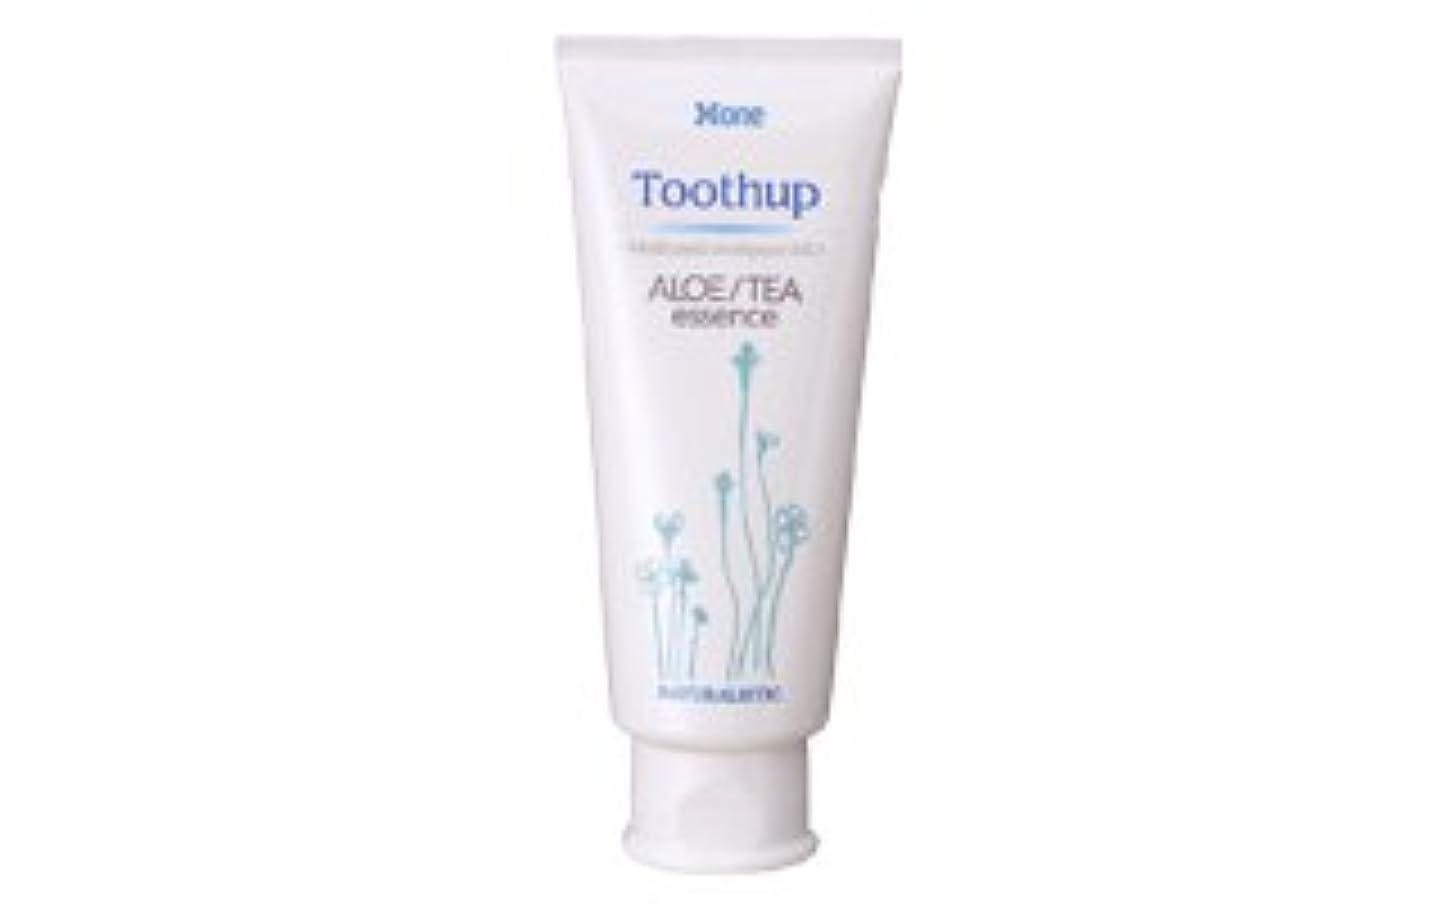 転送発明飾るトゥーサップ 薬用歯みがき MD 虫歯予防?消臭(150g)